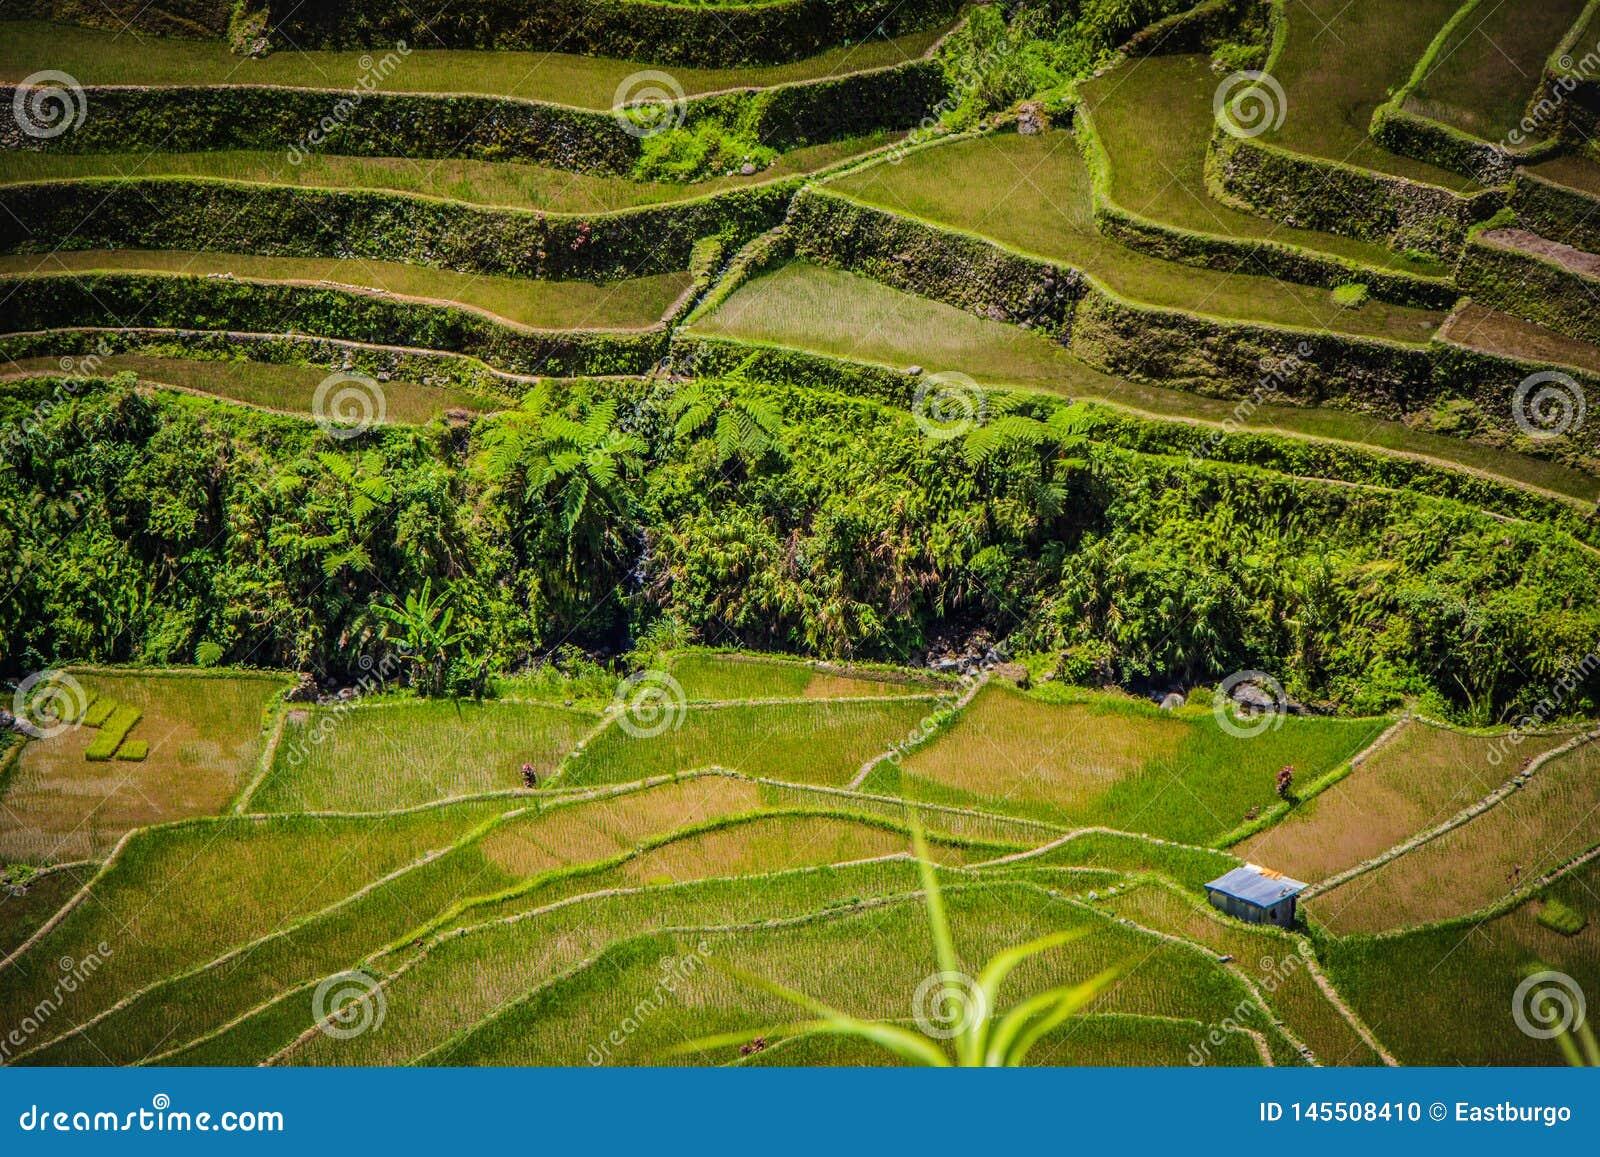 An isolated farm house on the Batad rice terraces